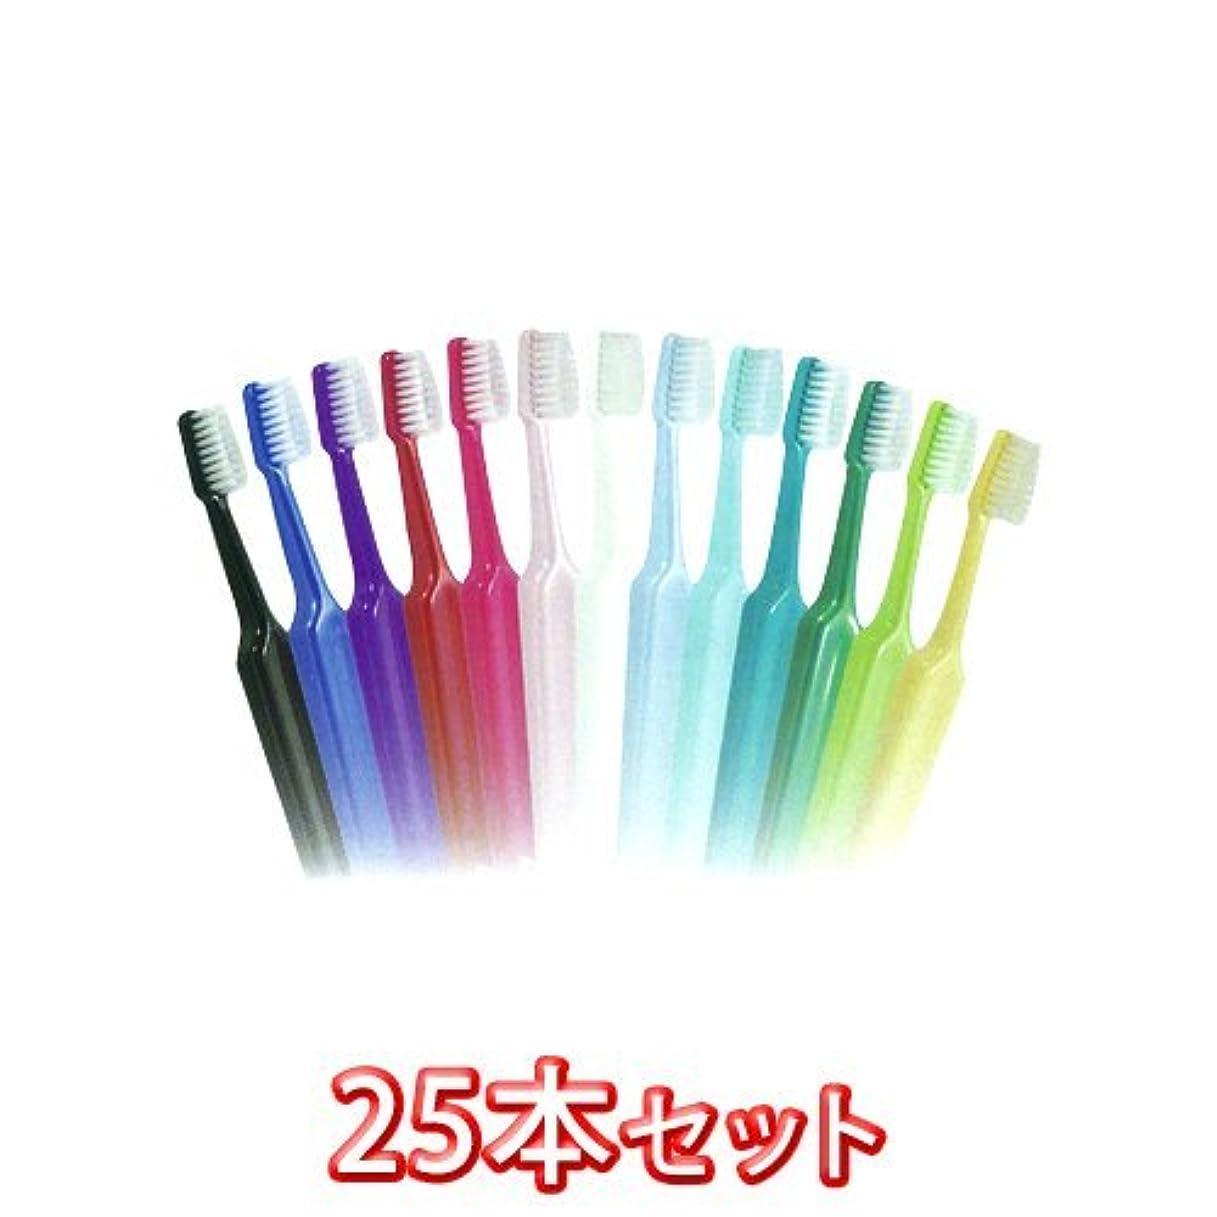 アカウントページェント北米クロスフィールド TePe テペ セレクトソフト 歯ブラシ 25本入